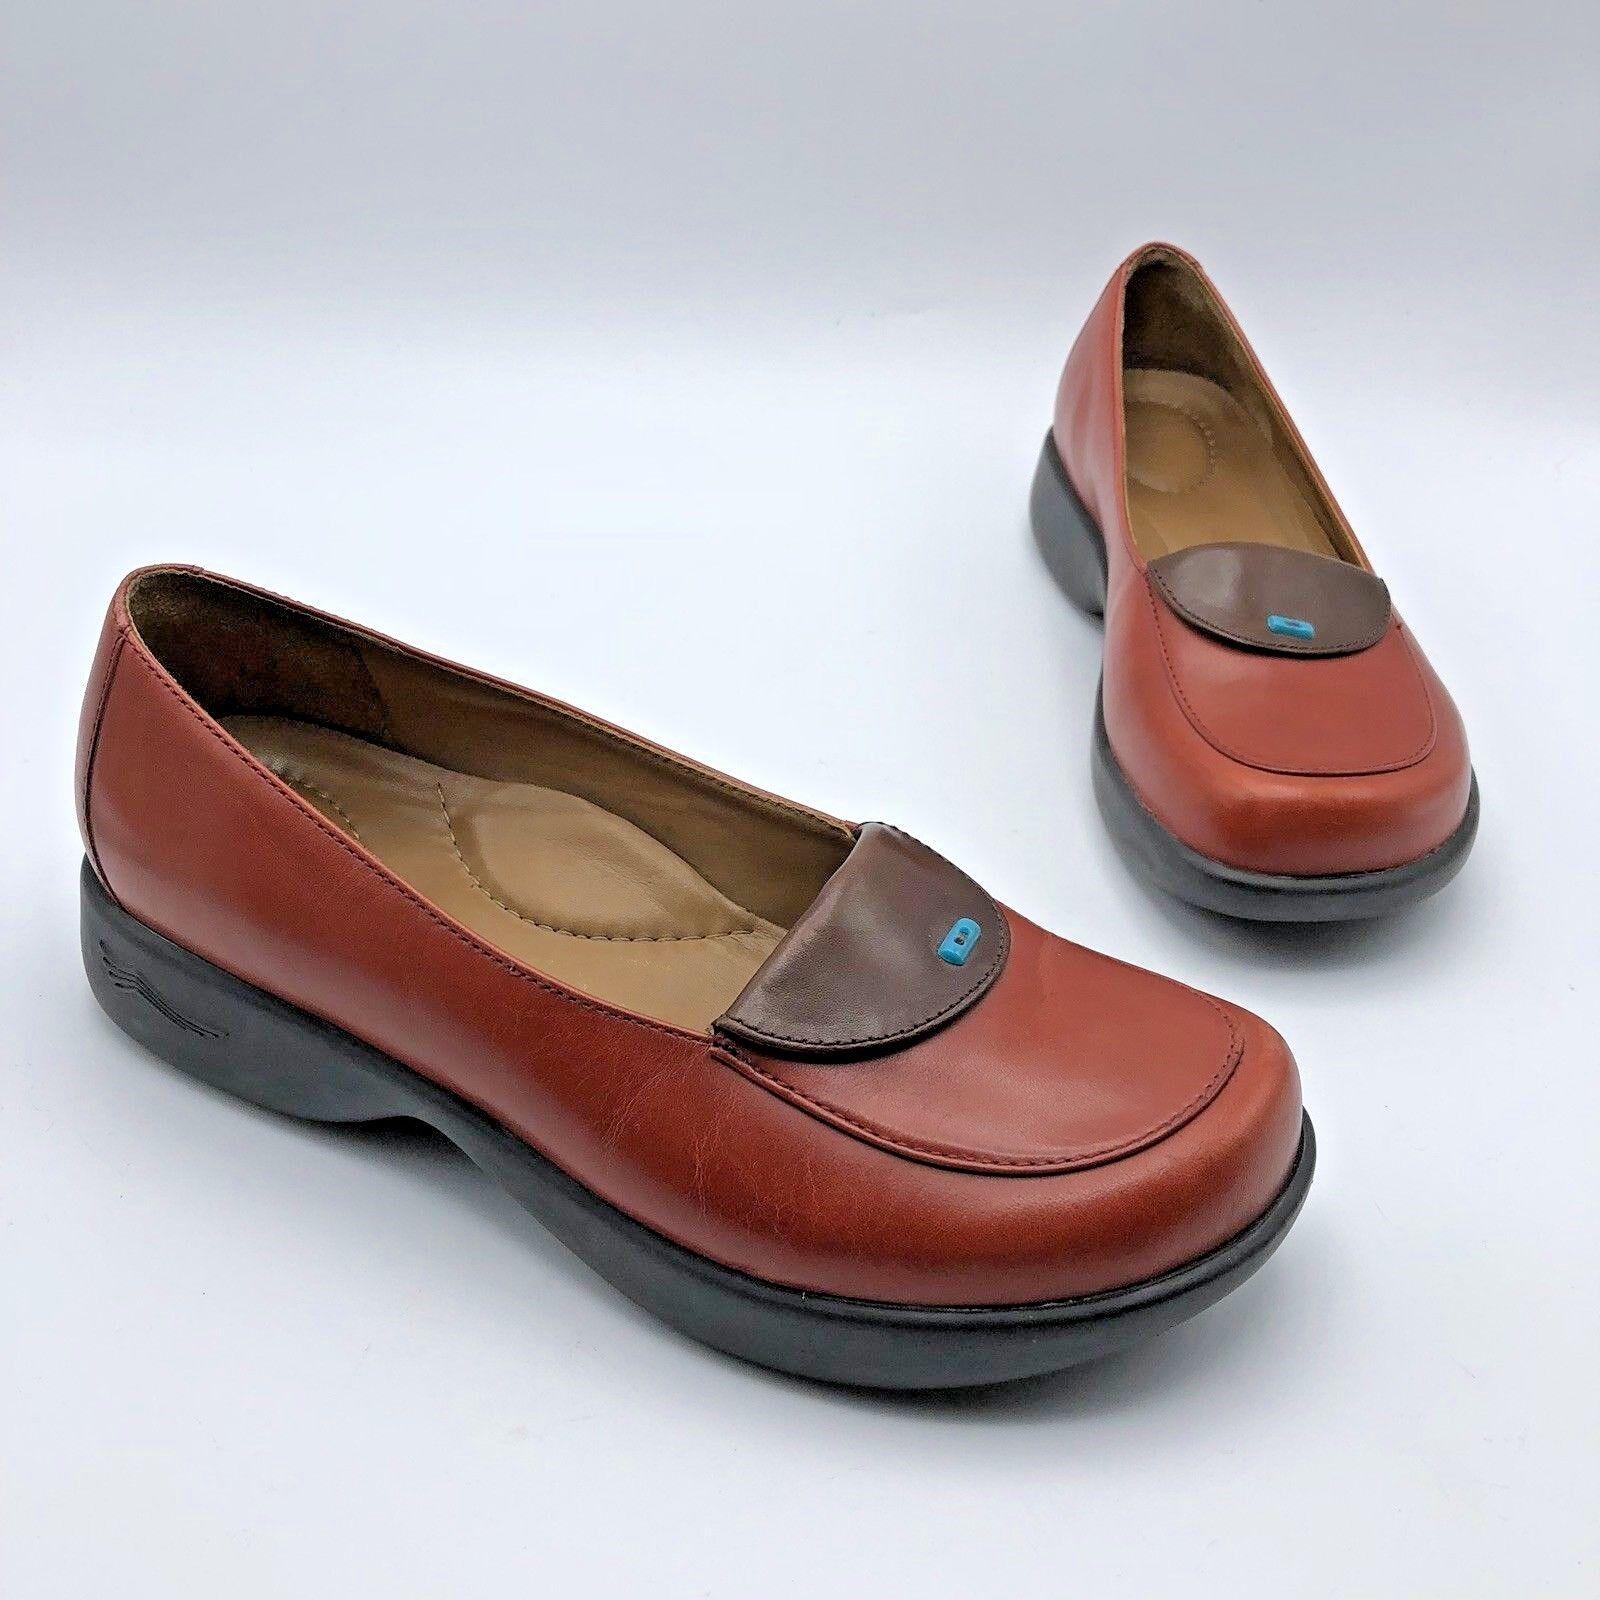 Dansko Desiree donna rosso Leather  Lofer Clog scarpe Dimensione 6.5M EUR 37  autorizzazione ufficiale